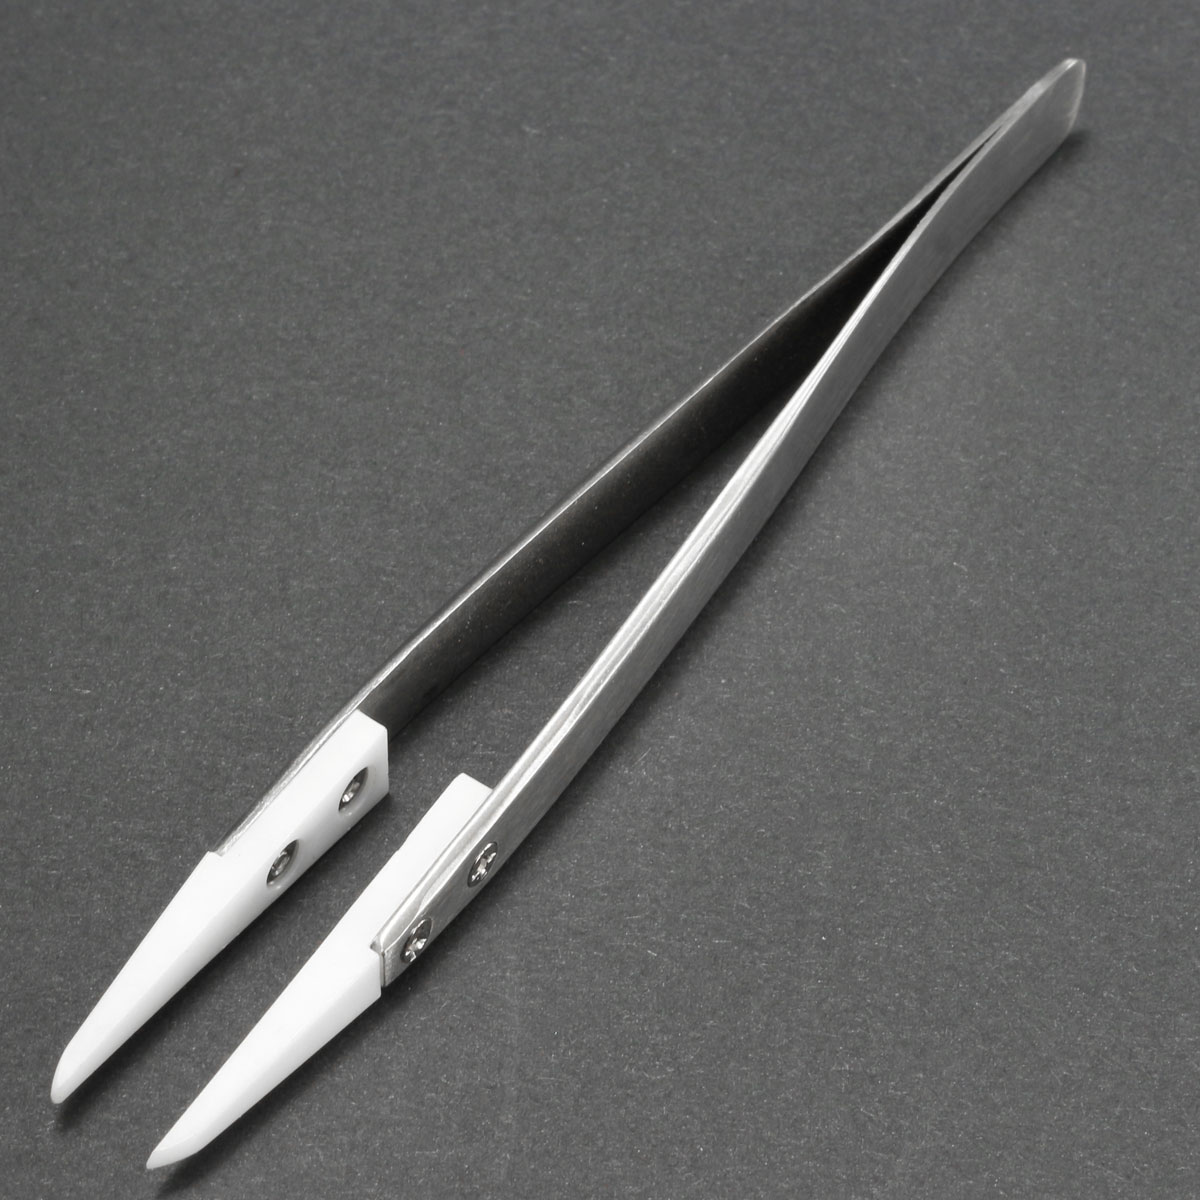 Heat Resistant Stainless Steel Ceramic Tweezers Non ...